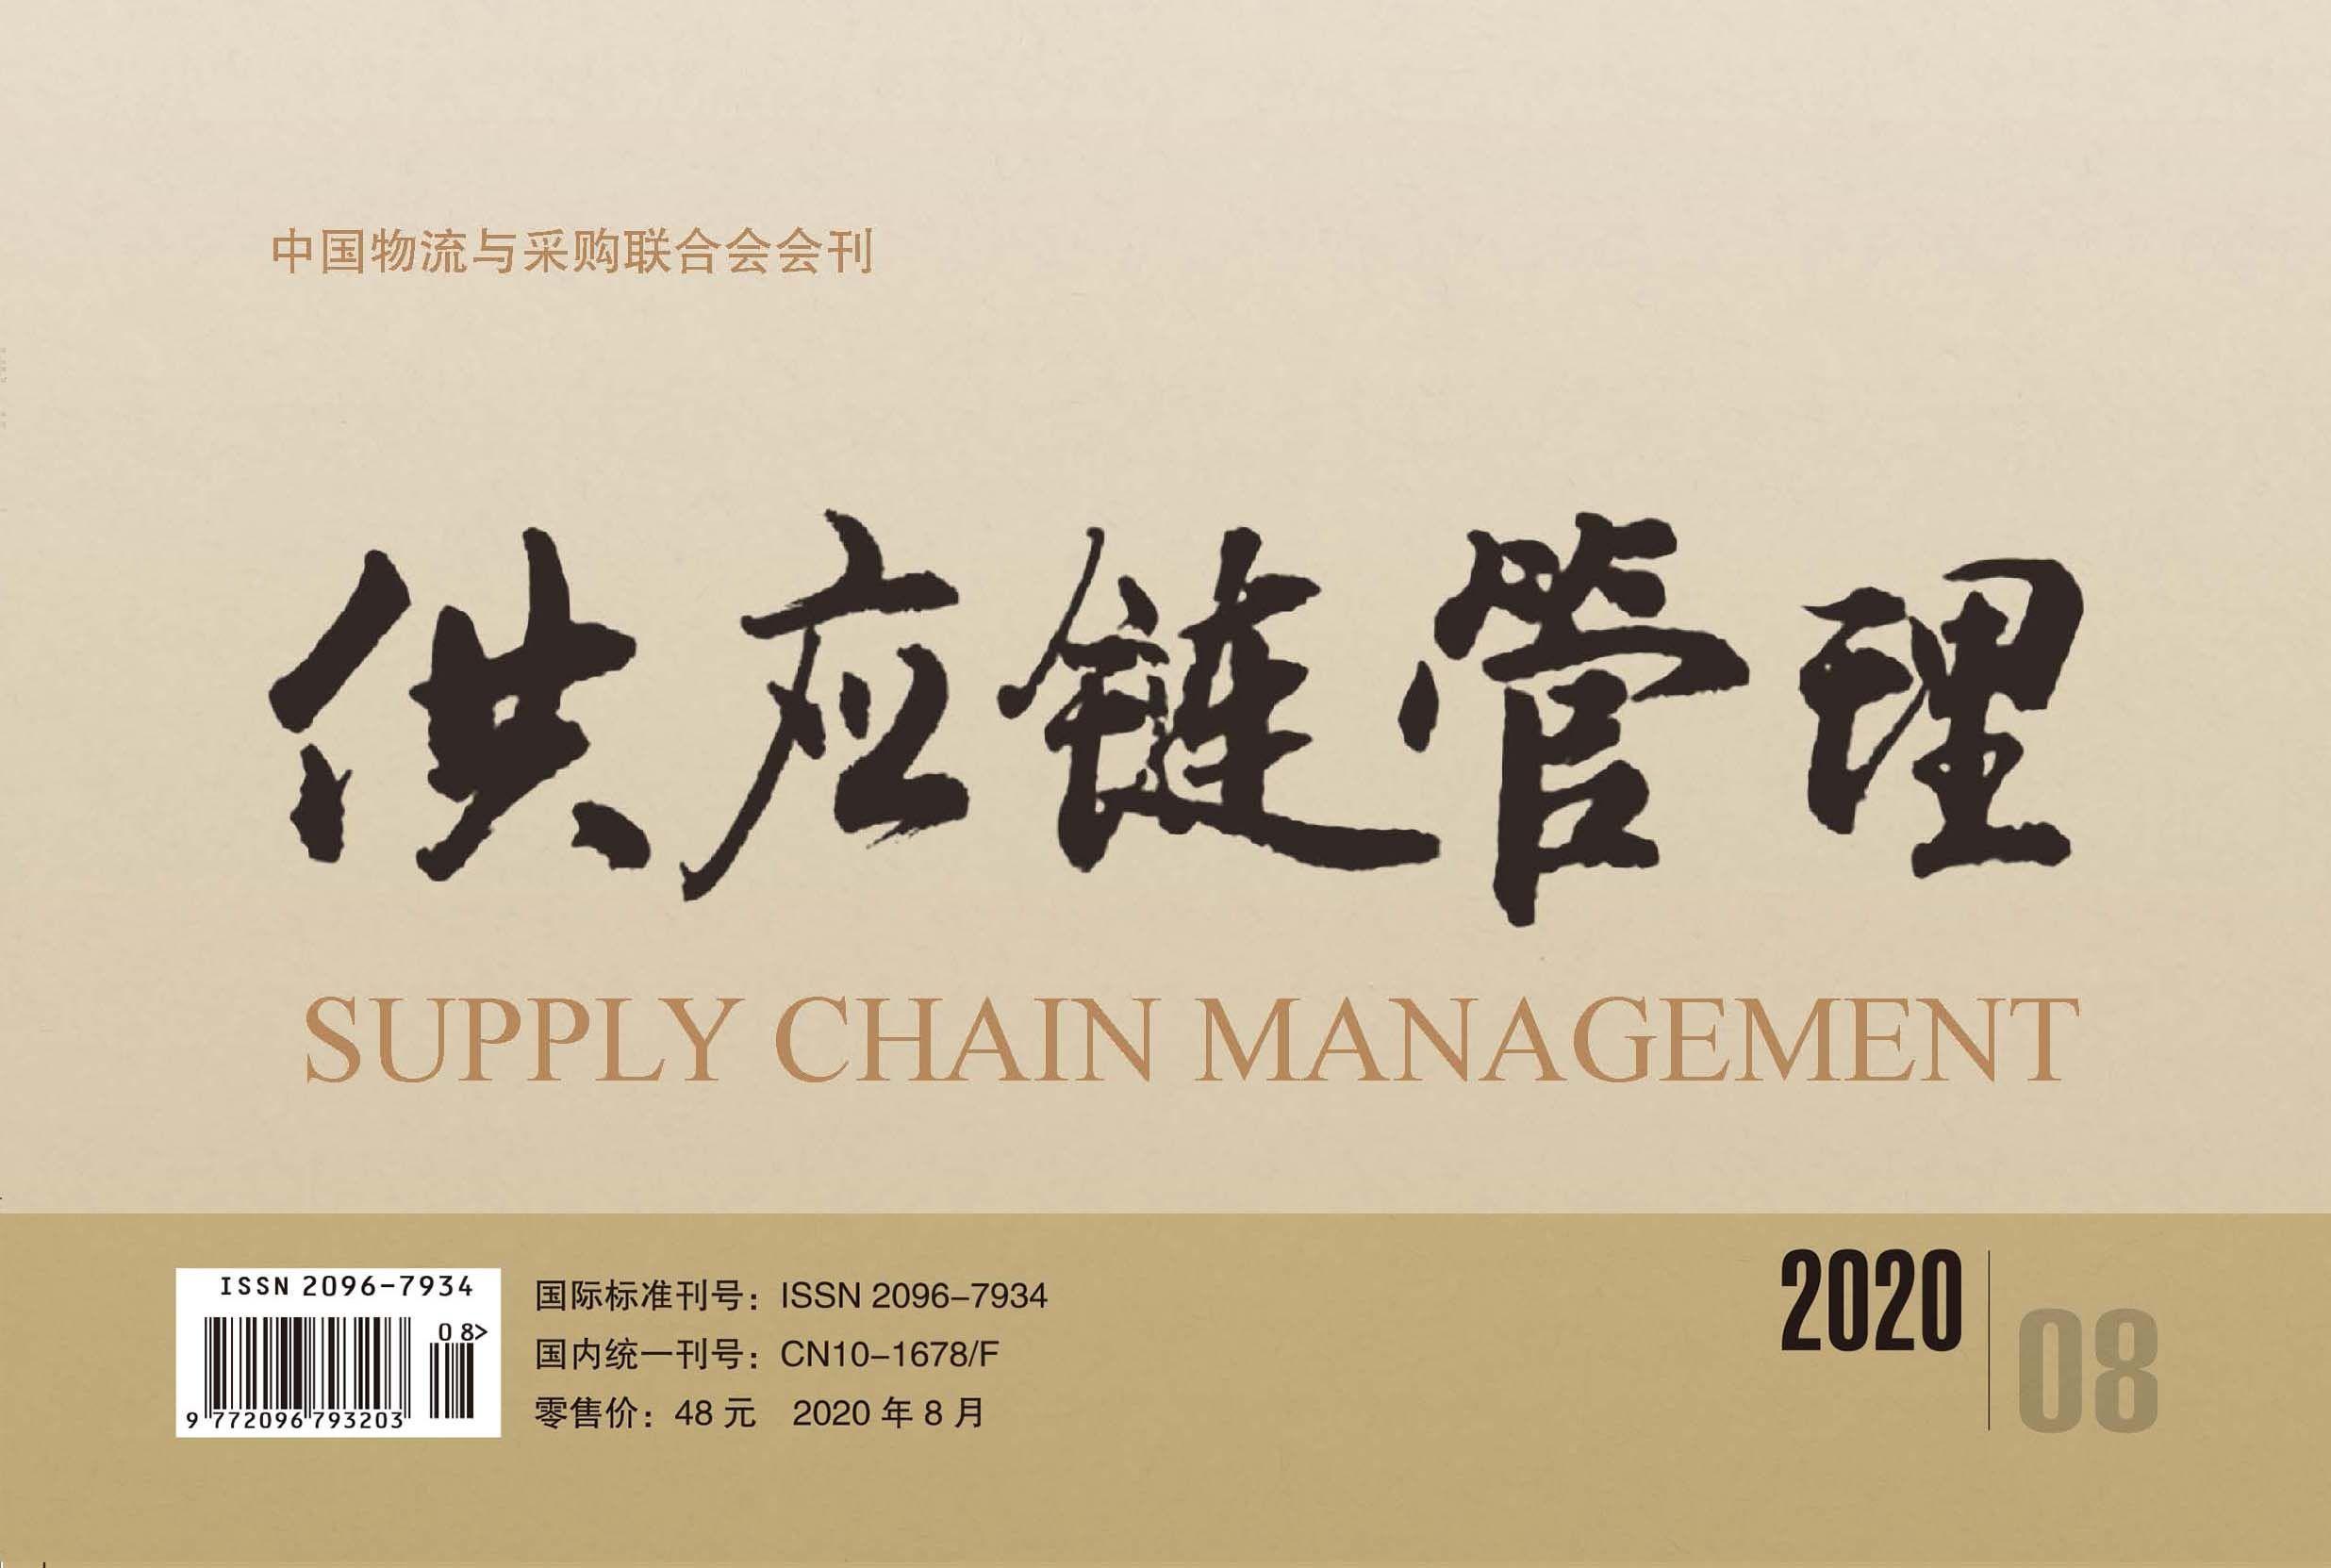 中国唯一《供应链管理》杂志电子版 2020-08期